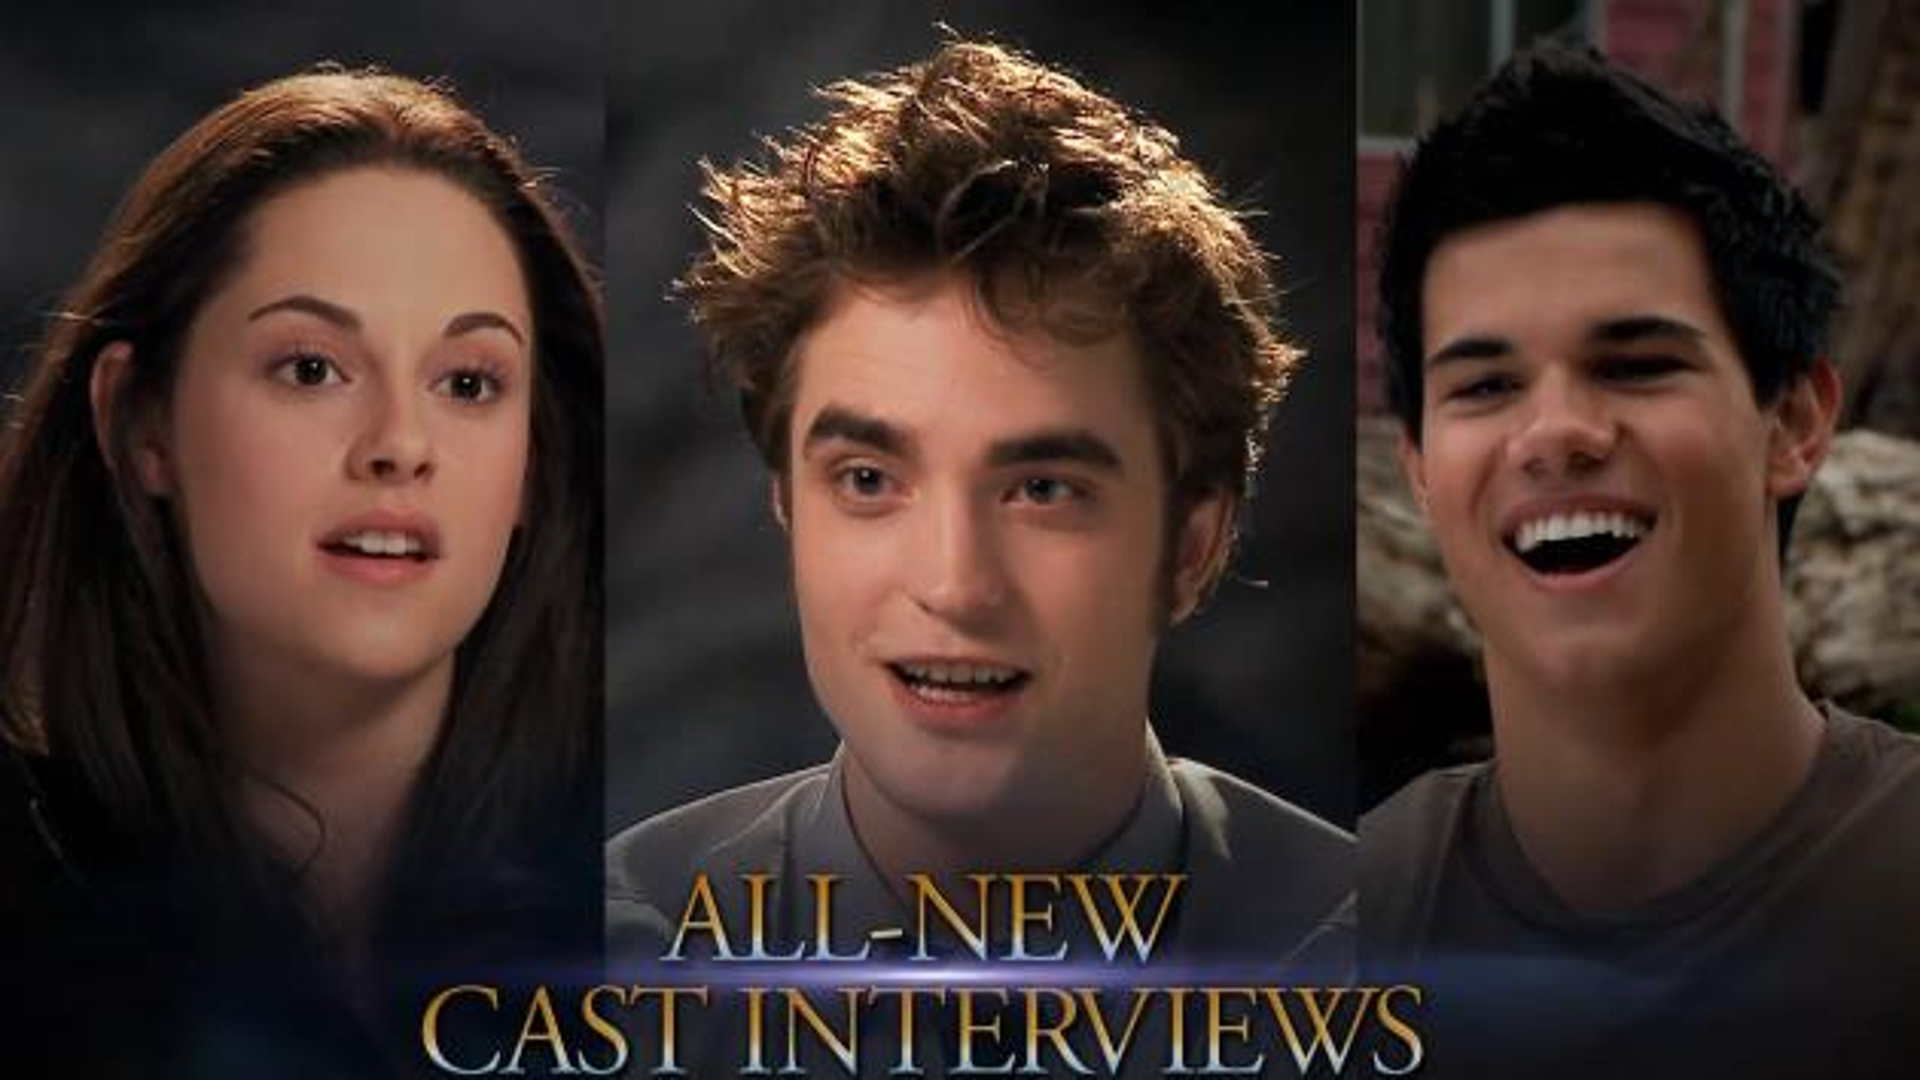 Kristen-Stewart-Robert-Pattinson-Taylor-Lautner-Twilight-Complete-Trailer